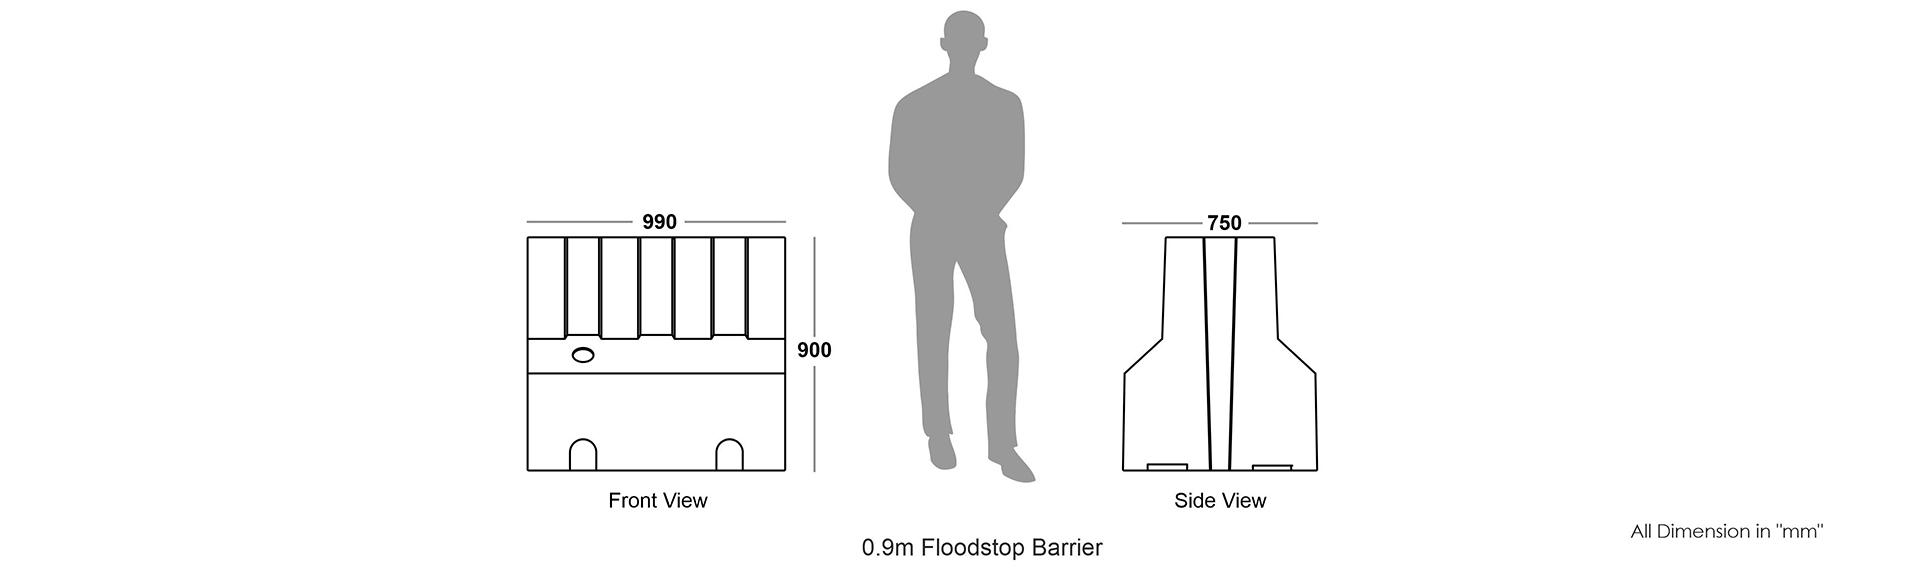 0.5m Floodstop Barrier DWG